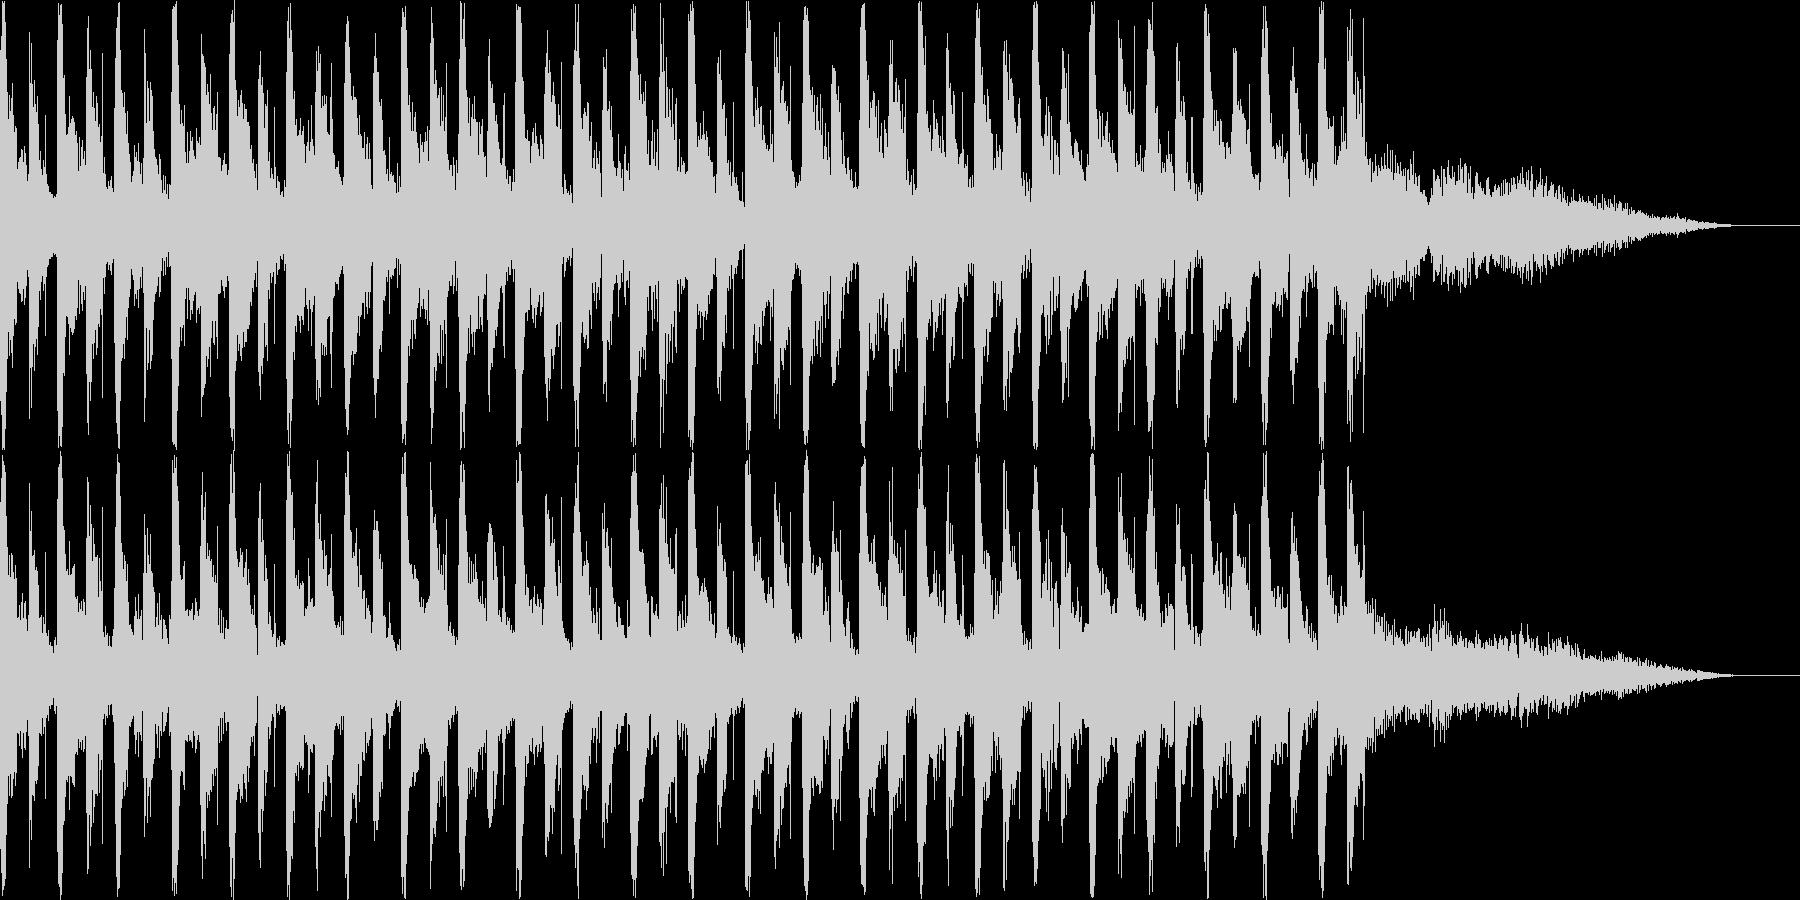 おしゃれでハウスよりのBGMの未再生の波形